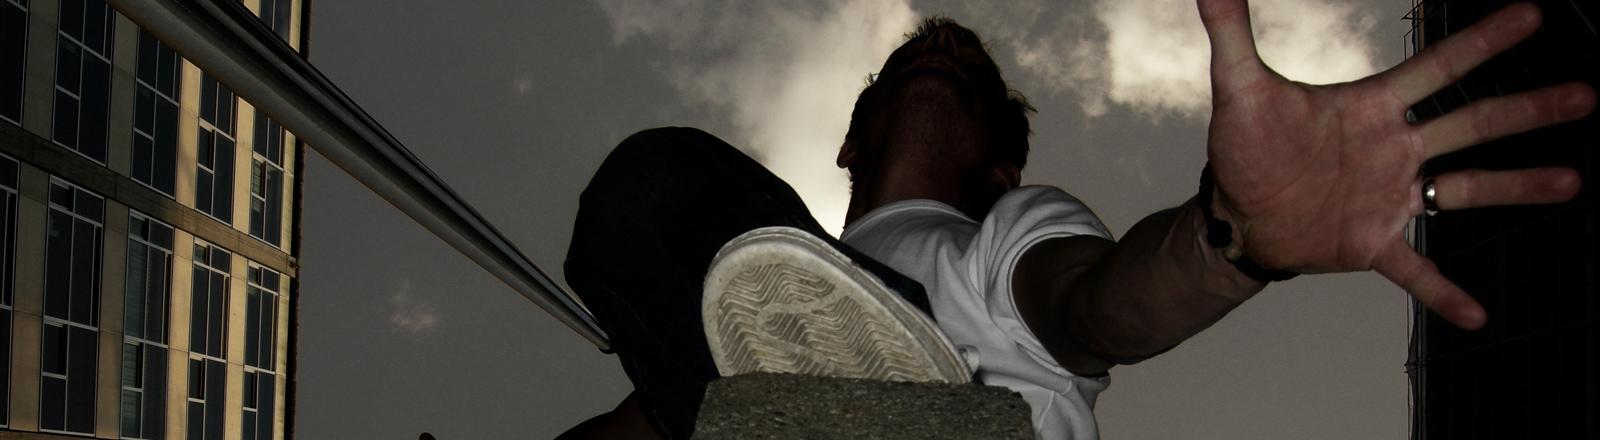 Ein Mann befindet sich in schwindelerregender Höhe.